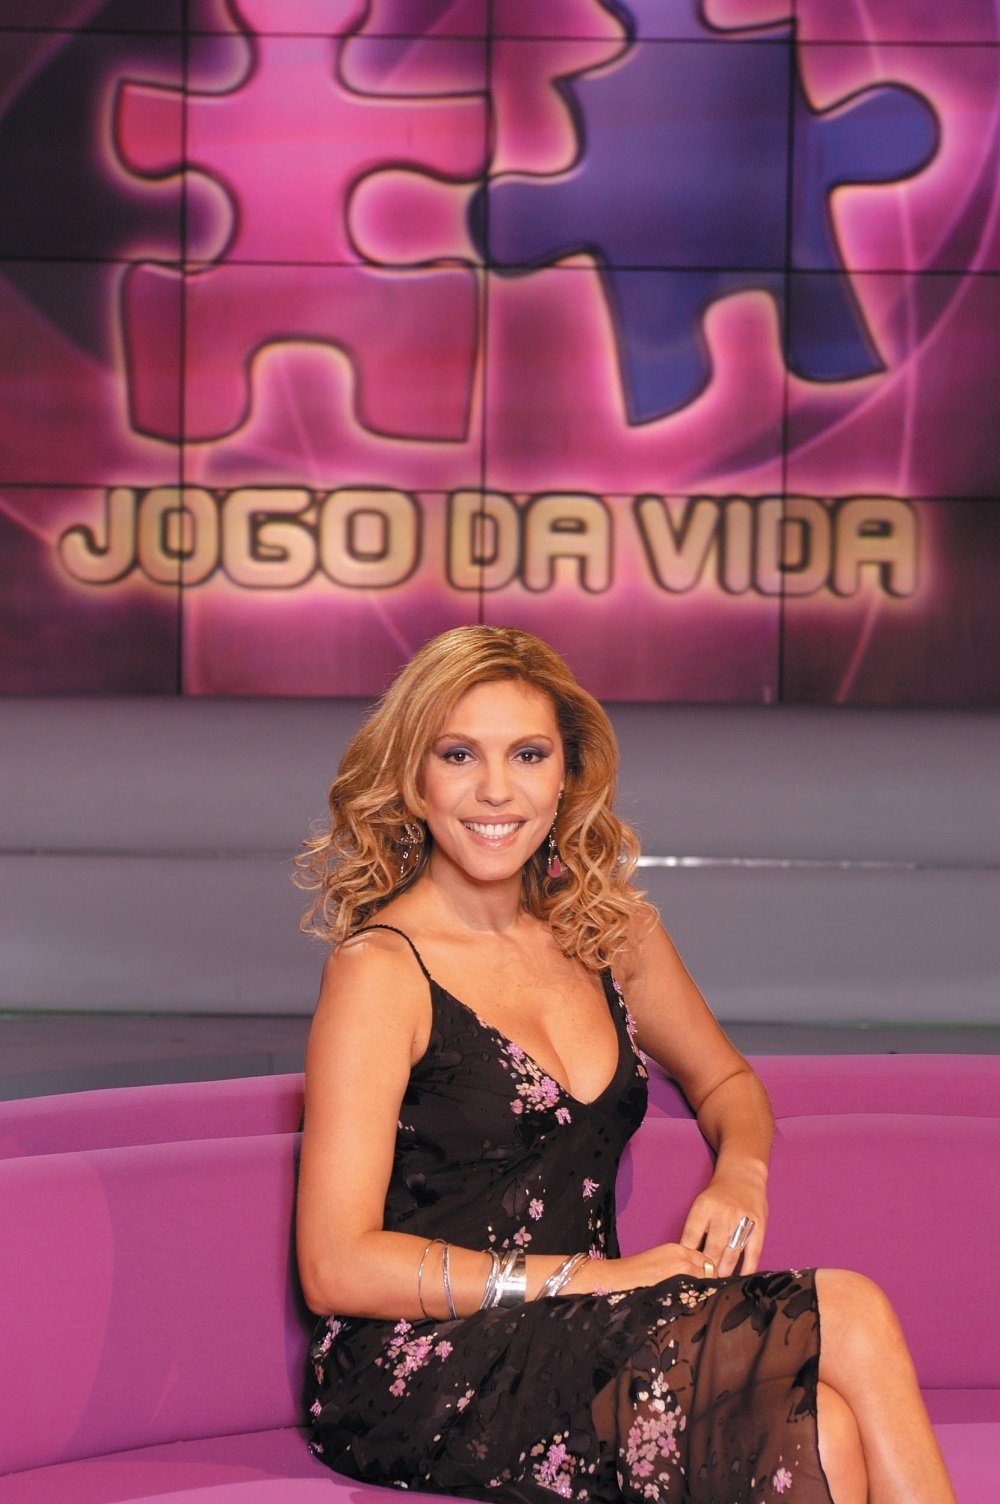 A apresentadora no programa 'Jogo da Vida' (Foto: reprodução)